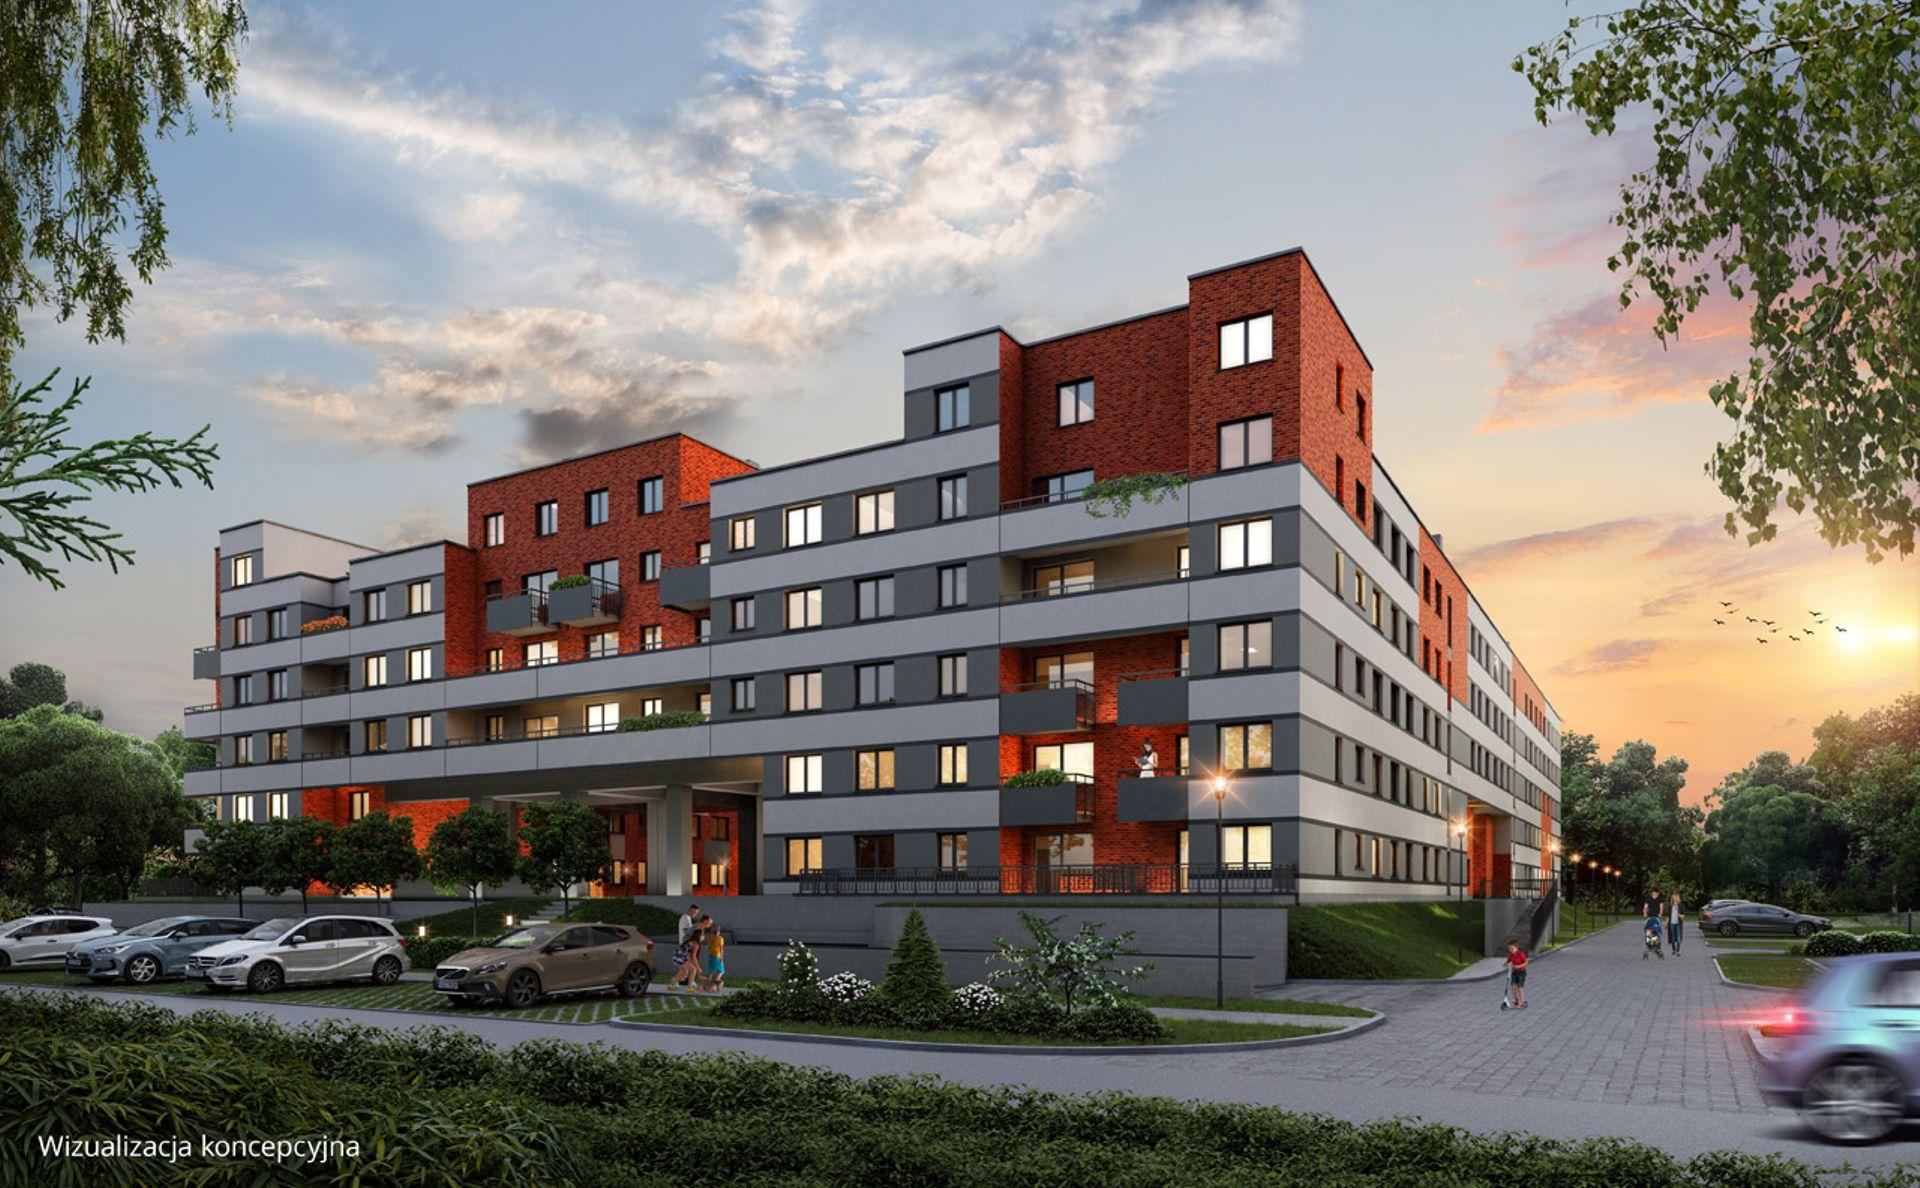 Wrocław: LC Corp ruszył z budową i przedsprzedażą Nowej Racławickiej na Krzykach